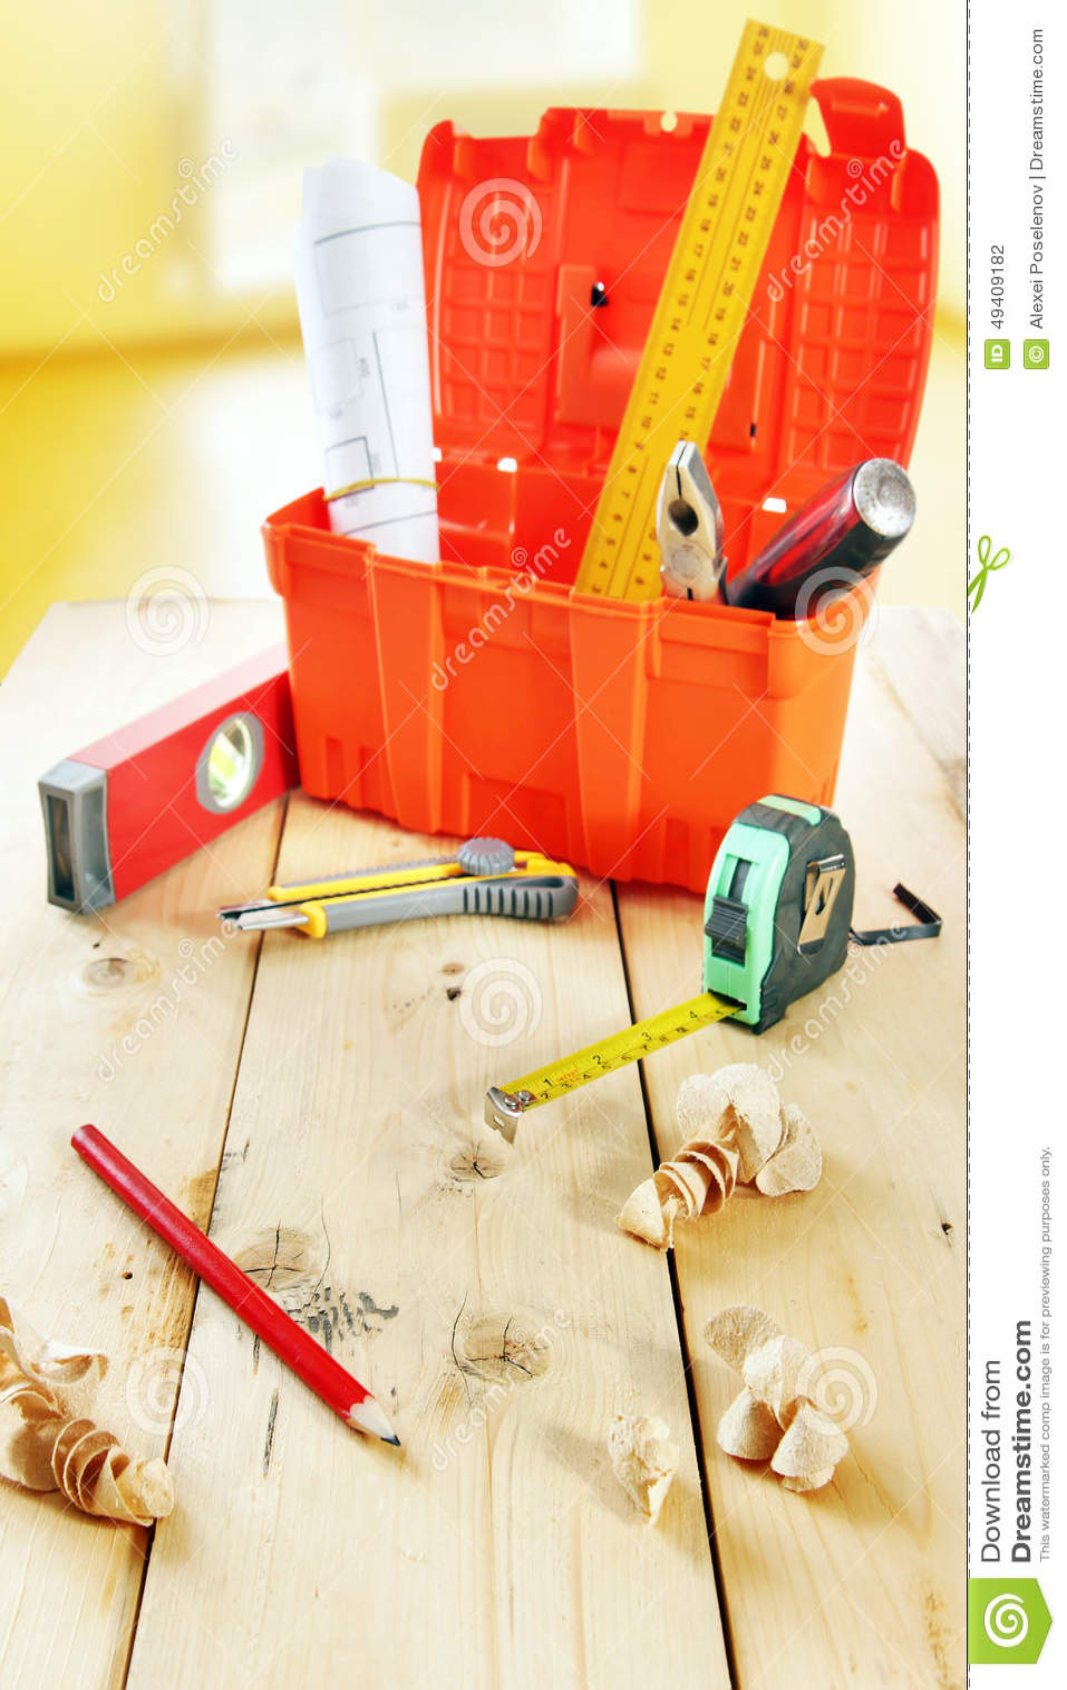 Download Stillleben Mit Arbeitsgeräten Auf Dem Hölzernen Werktisch Stockfoto - Bild von blatt, dreieck: 49409182